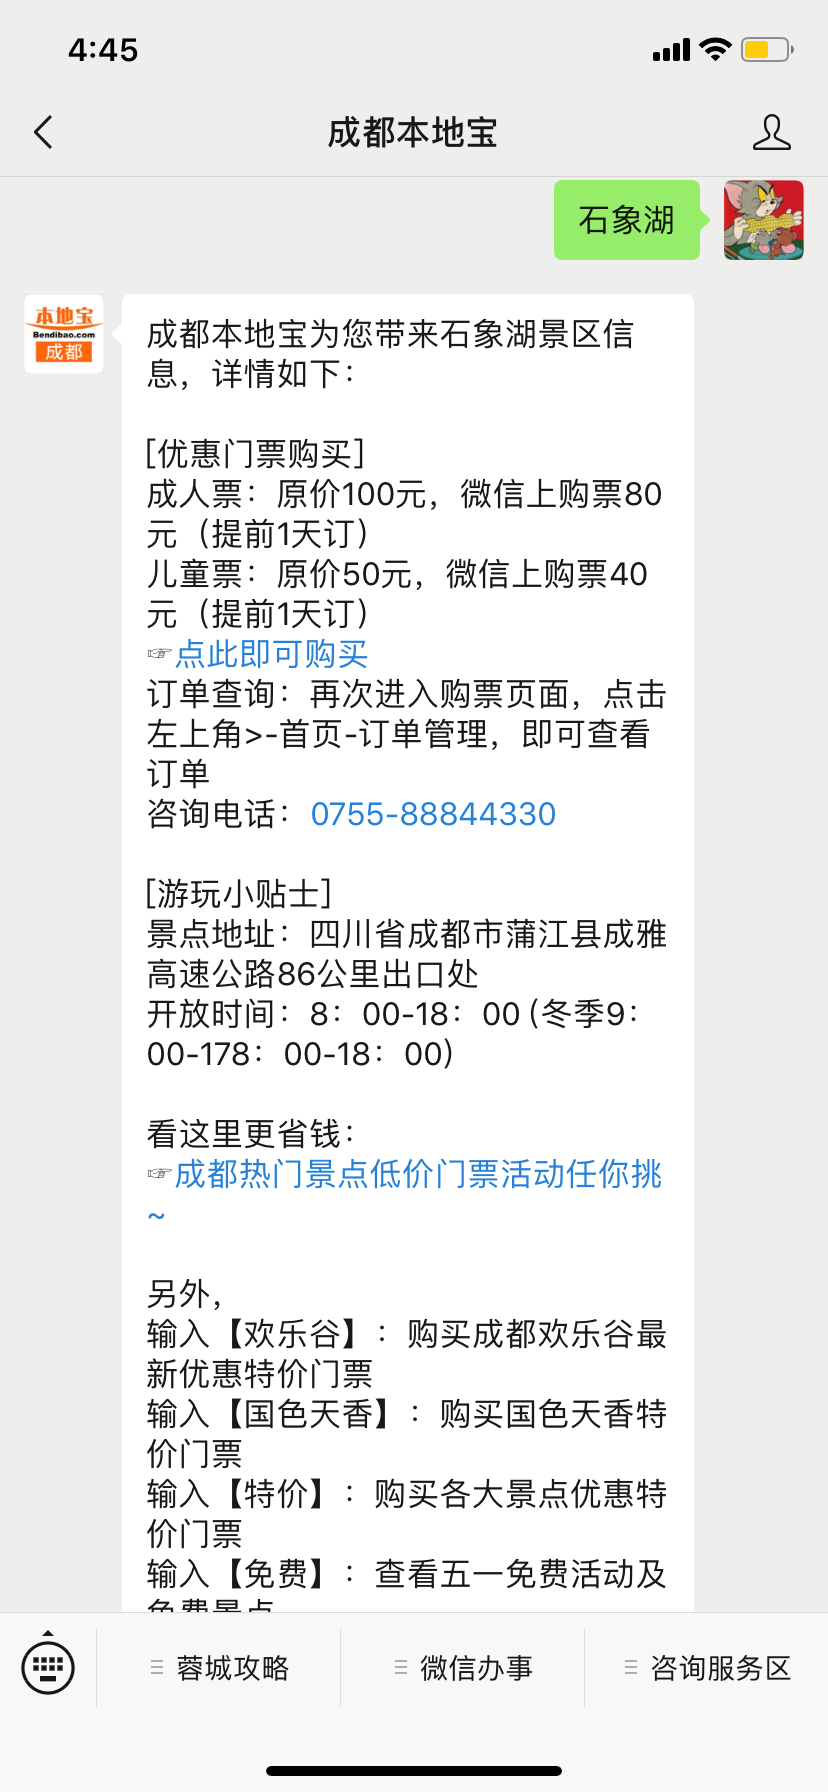 成都石象湖2019年五一优惠门票购买入口